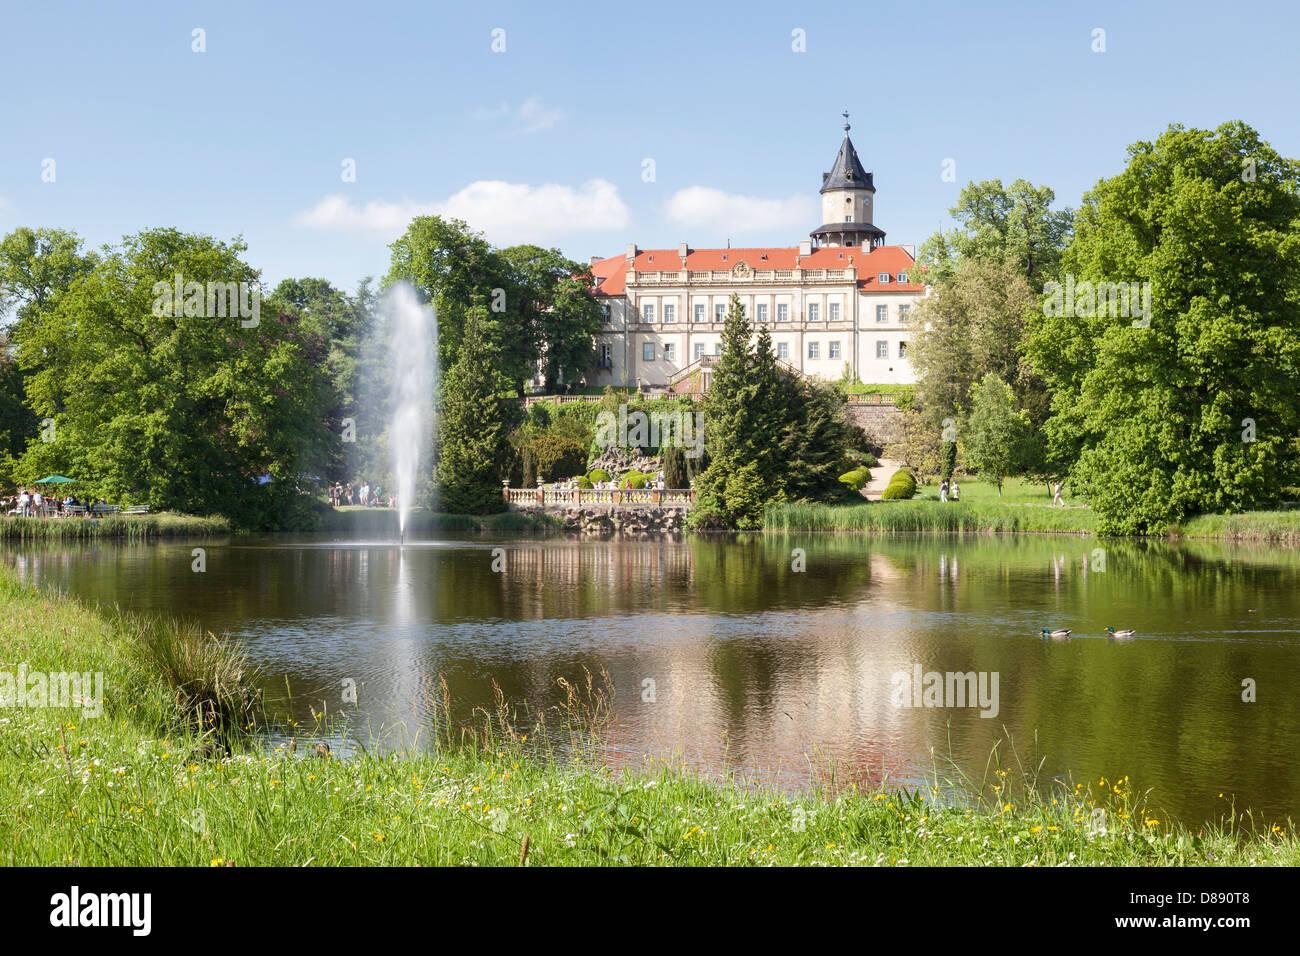 Schloss Wiesenburg, Brandenburg, German - Stock Image